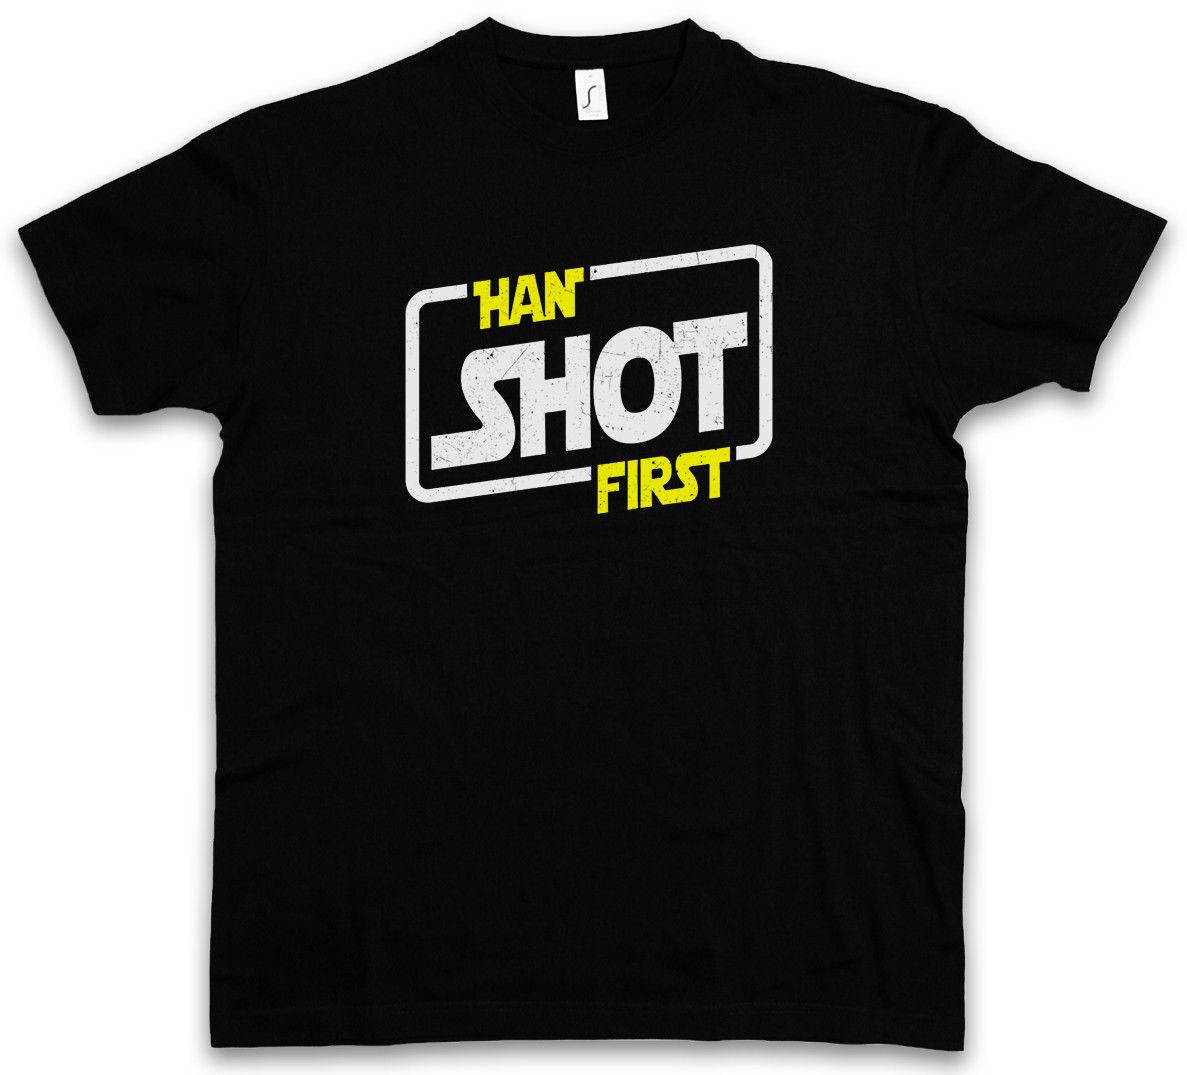 Хан выстрелил первая футболка Solo X Красная звезда Allianz Imperium пять войны крыло Скайуокер продажа 100% хлопок футболка футболка